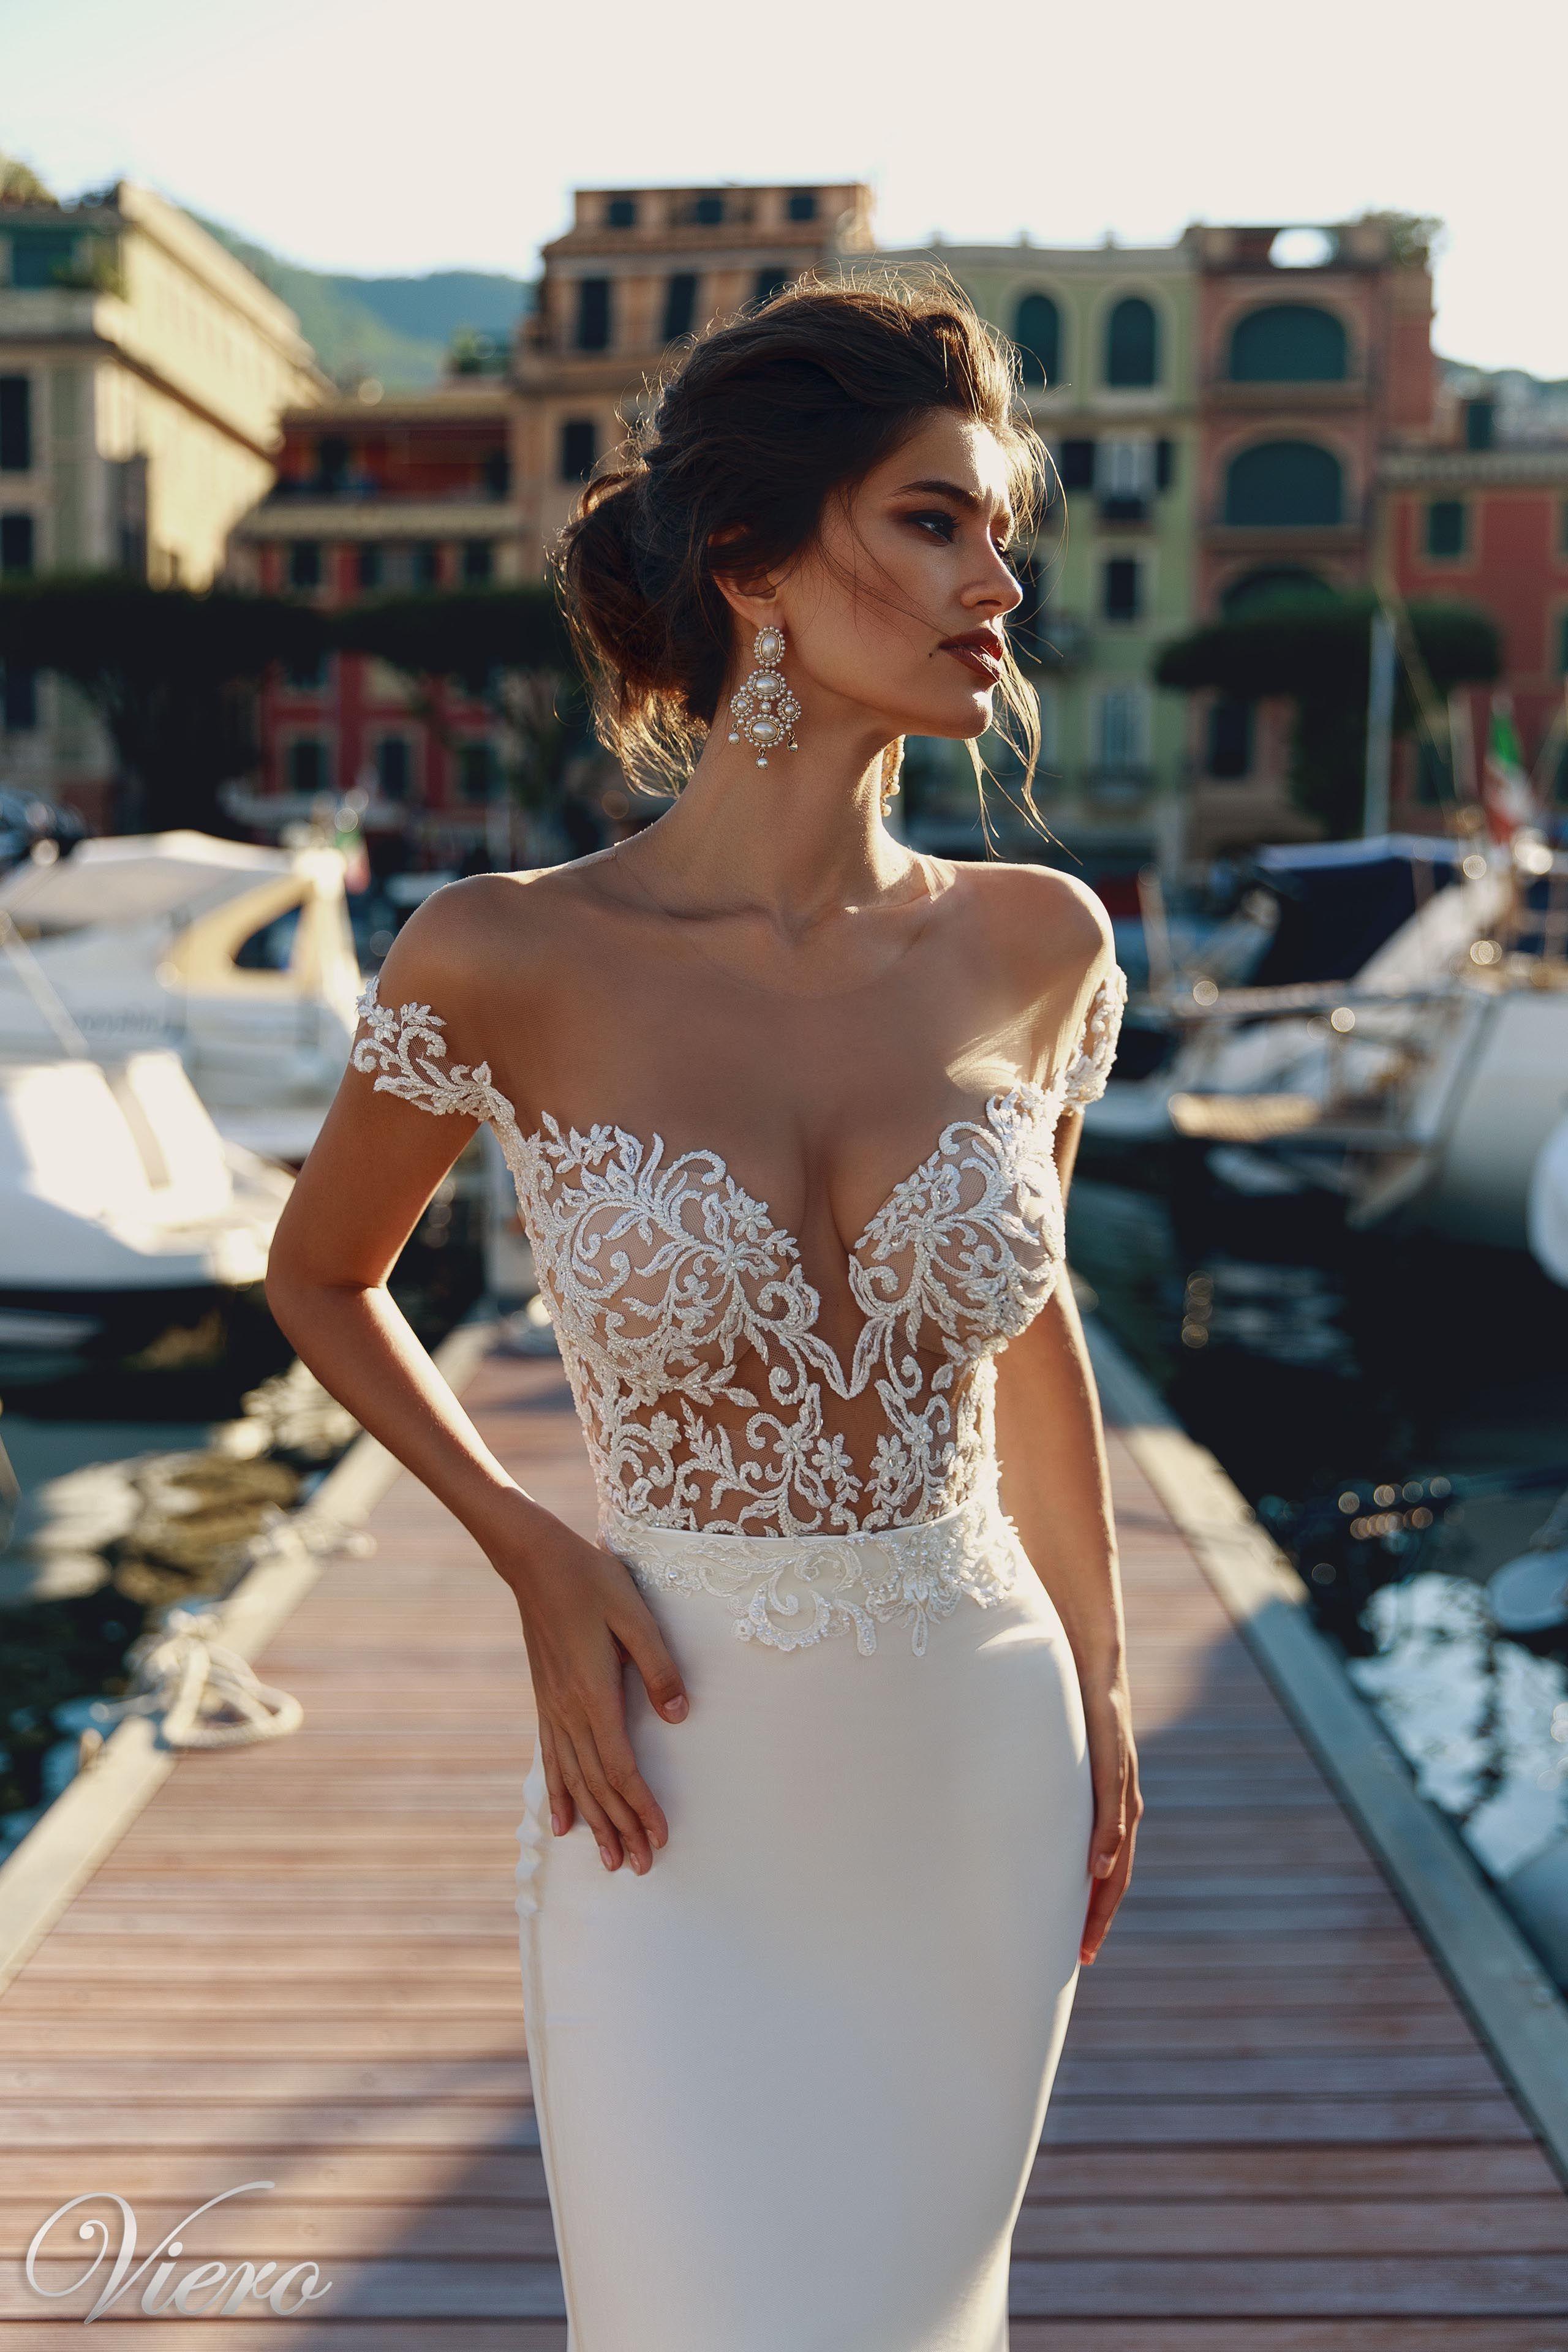 d6fe2f890af Carina Viero Bridal Couture wedding dresses   wedding dresses lace   wedding  dresses princess   wedding